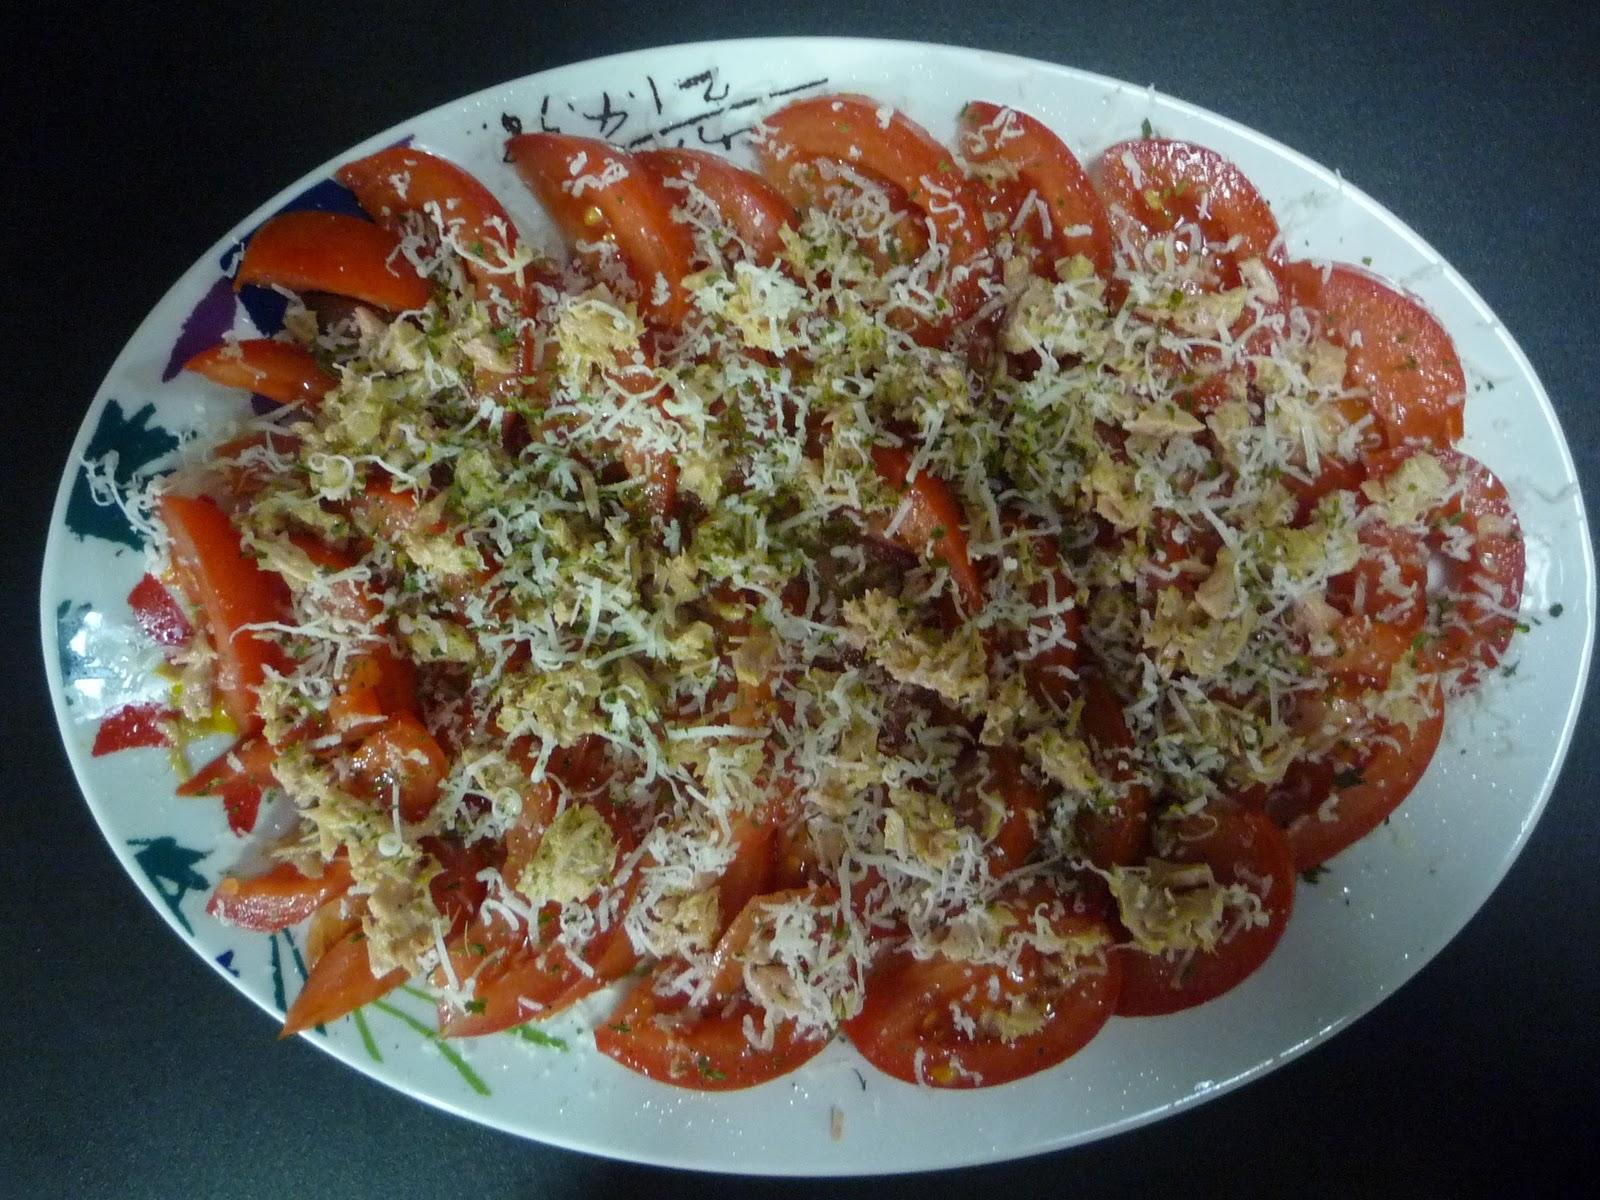 Vaciando la nevera improvisando una cena sencilla y sana for Cena original y sencilla